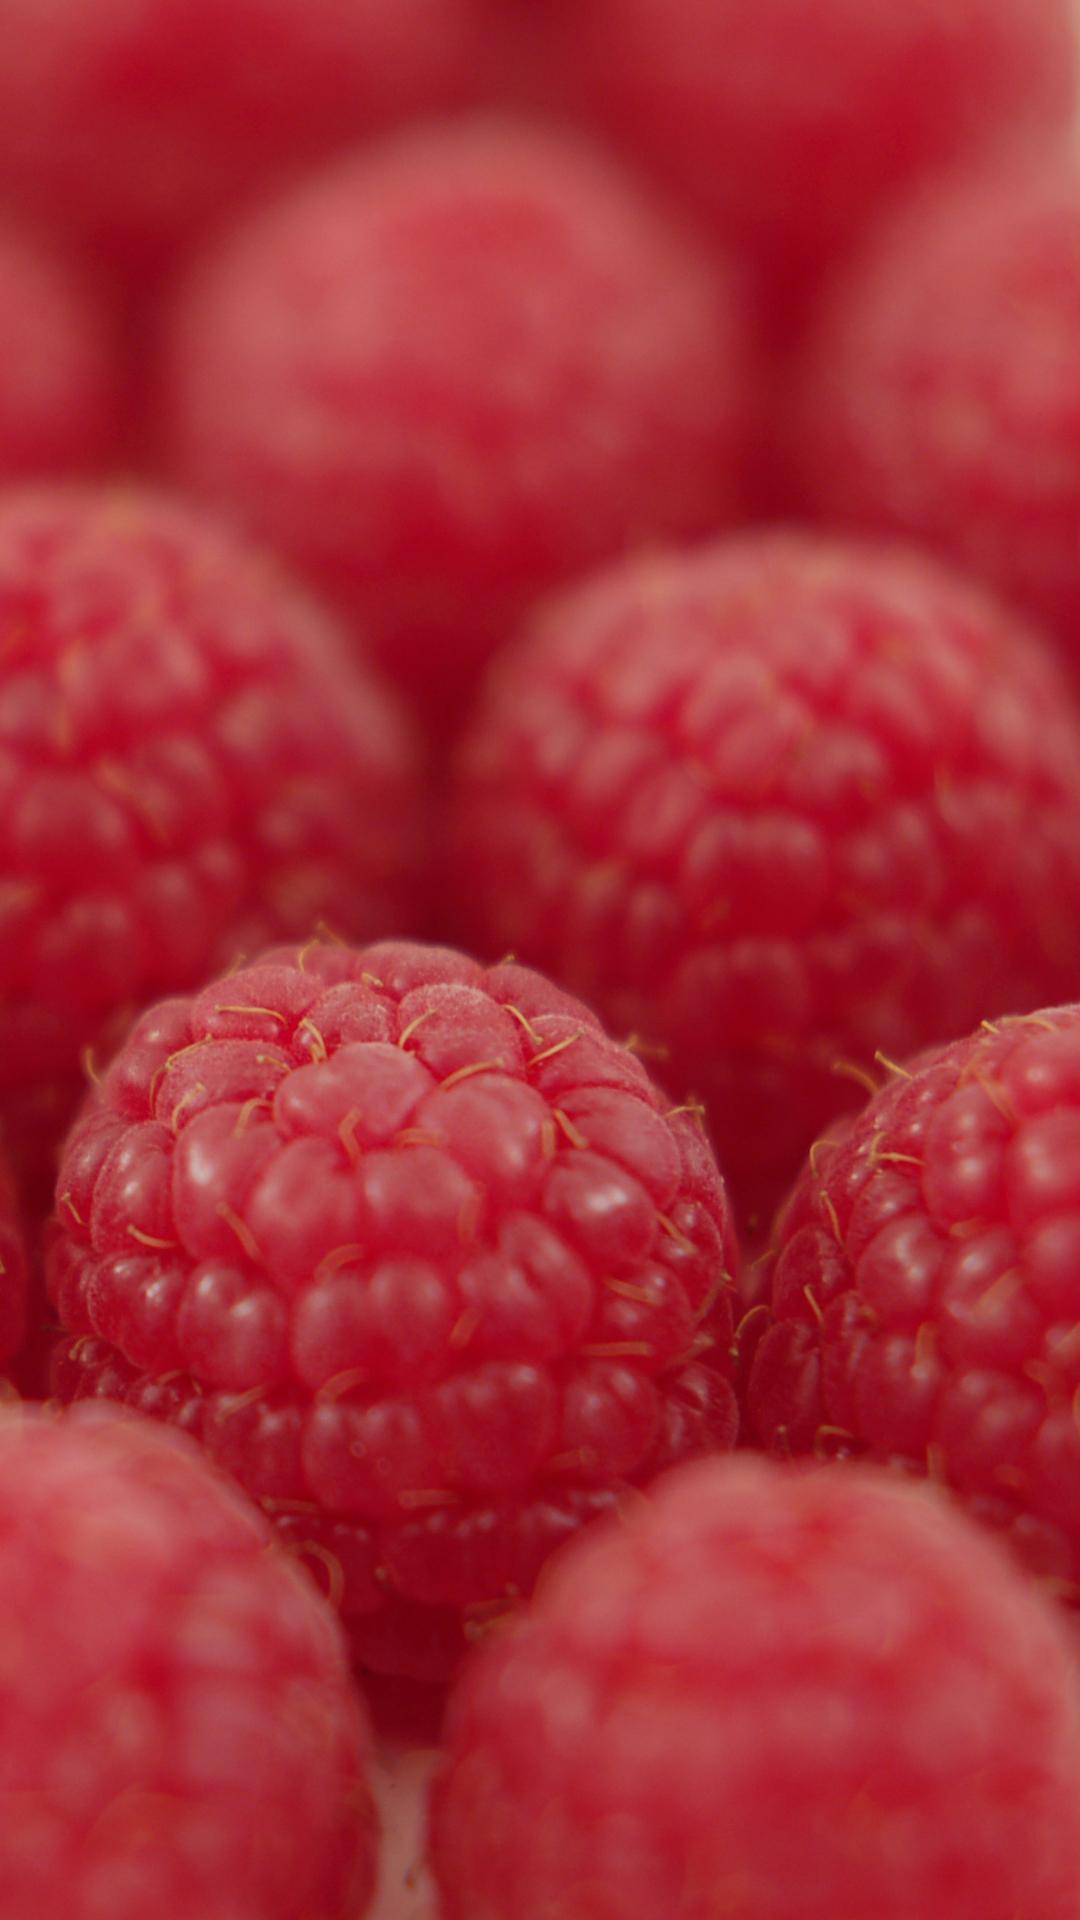 Blackberry Fruit htc one wallpaper